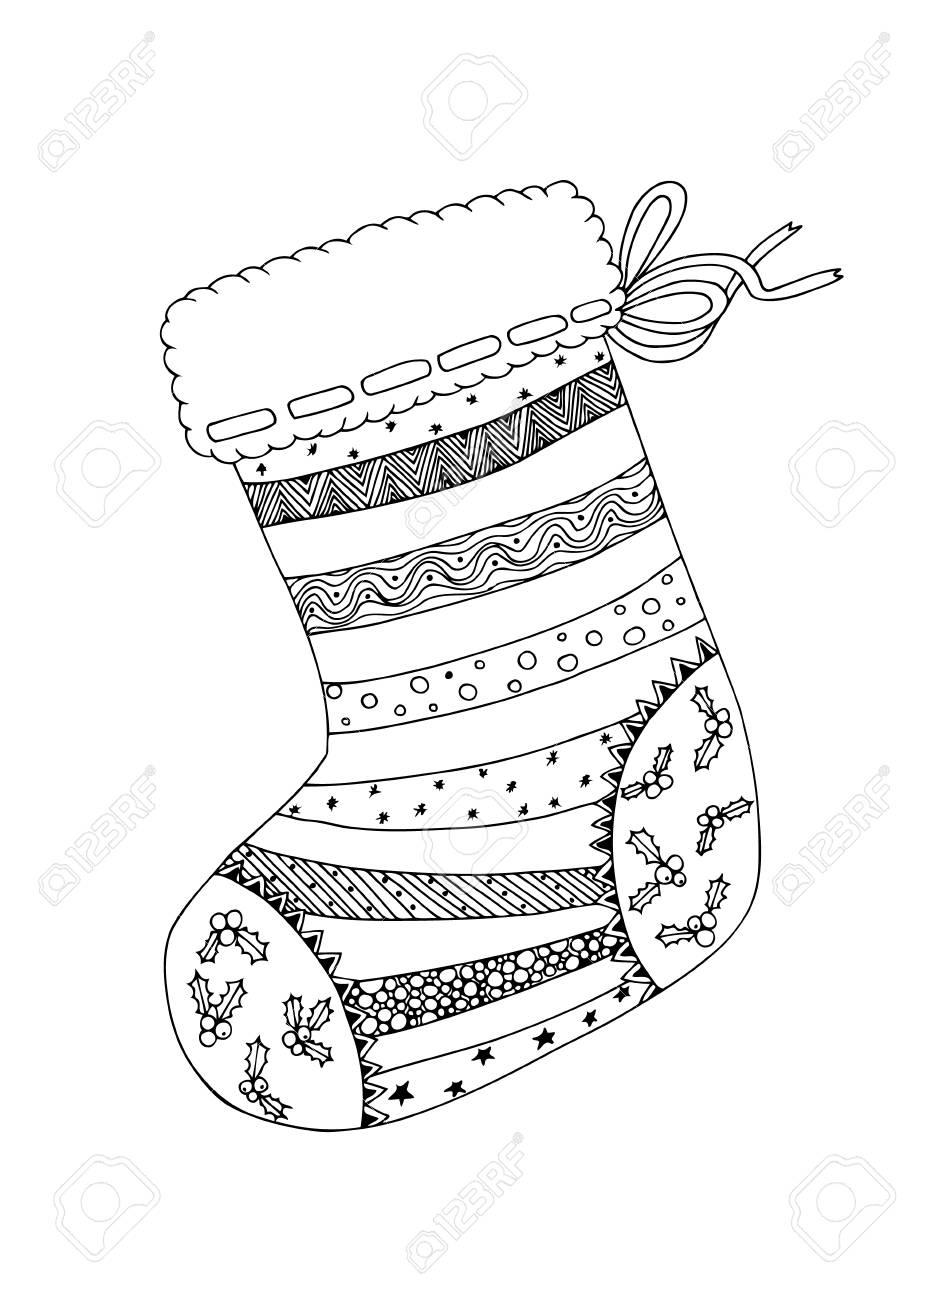 Immagini Natale In Bianco E Nero.Doodle Schizzo Di Calza Di Natale In Bianco E Nero Design Libro Da Colorare Per Adulti E Piu Anziani Illustrazione Disegnata A Mano